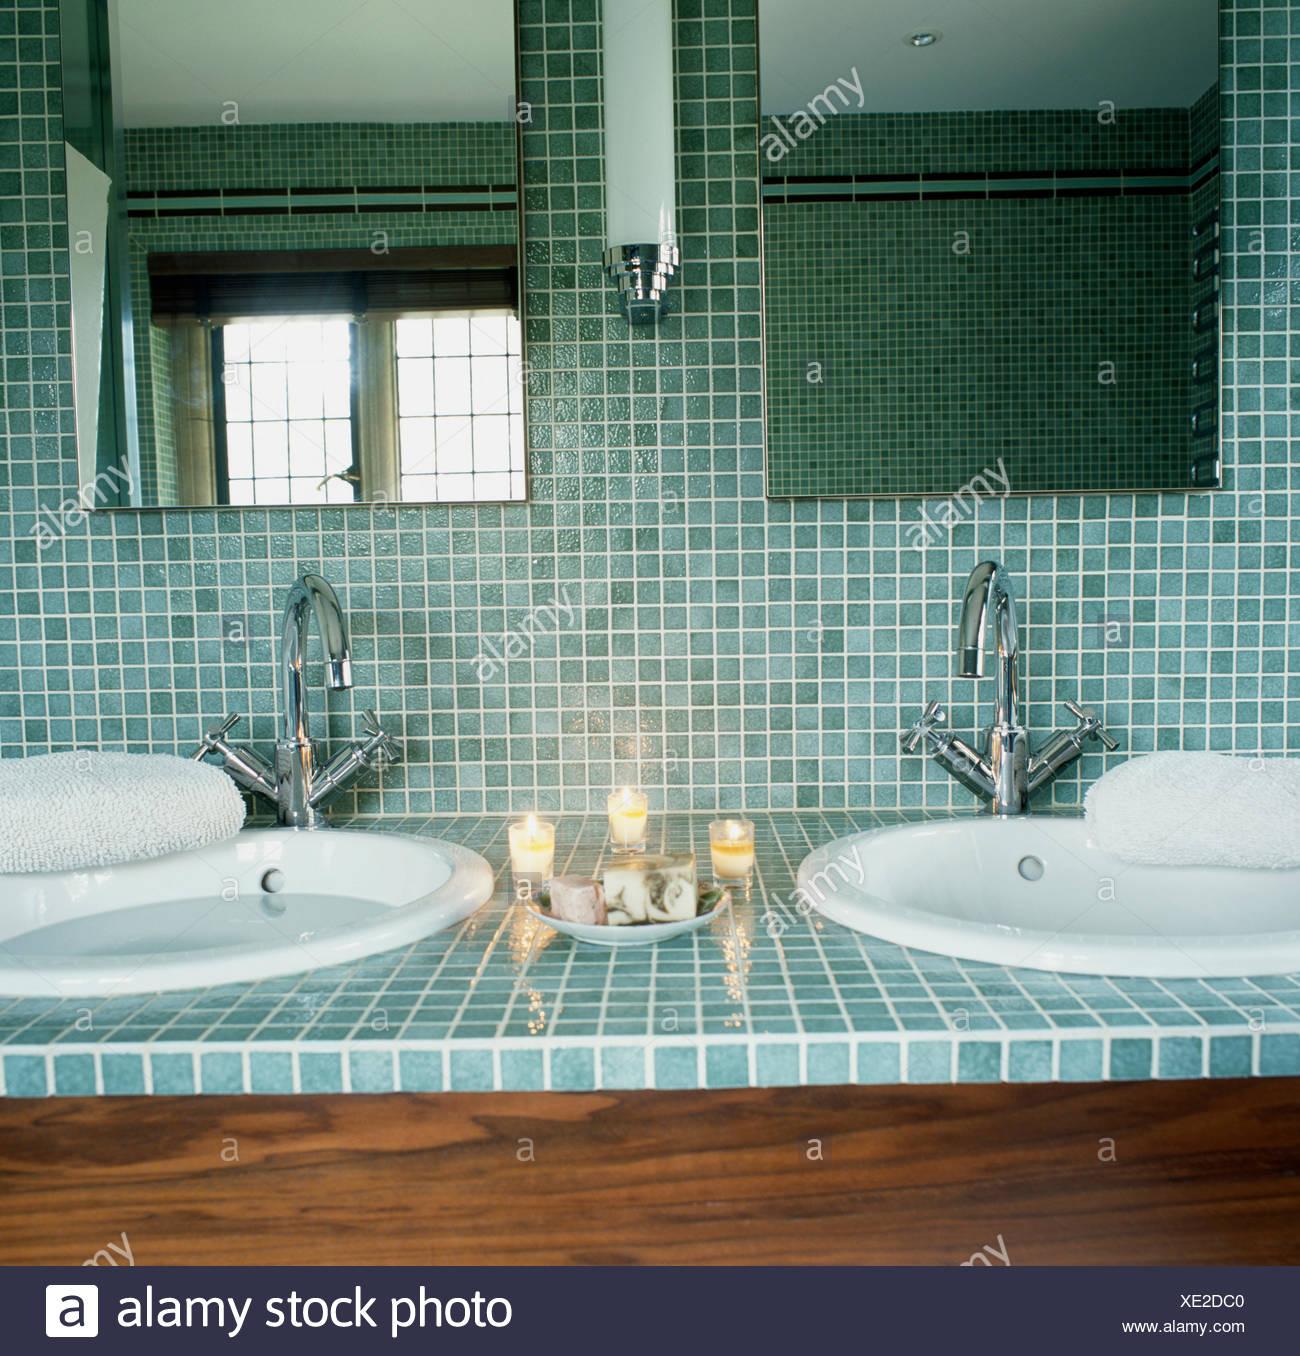 Attraktiv Nahaufnahme Von Spiegeln Und Türkis Mosaikfliesen über Kreisförmige Becken  Mit Chrom Armaturen Im Modernen Badezimmer